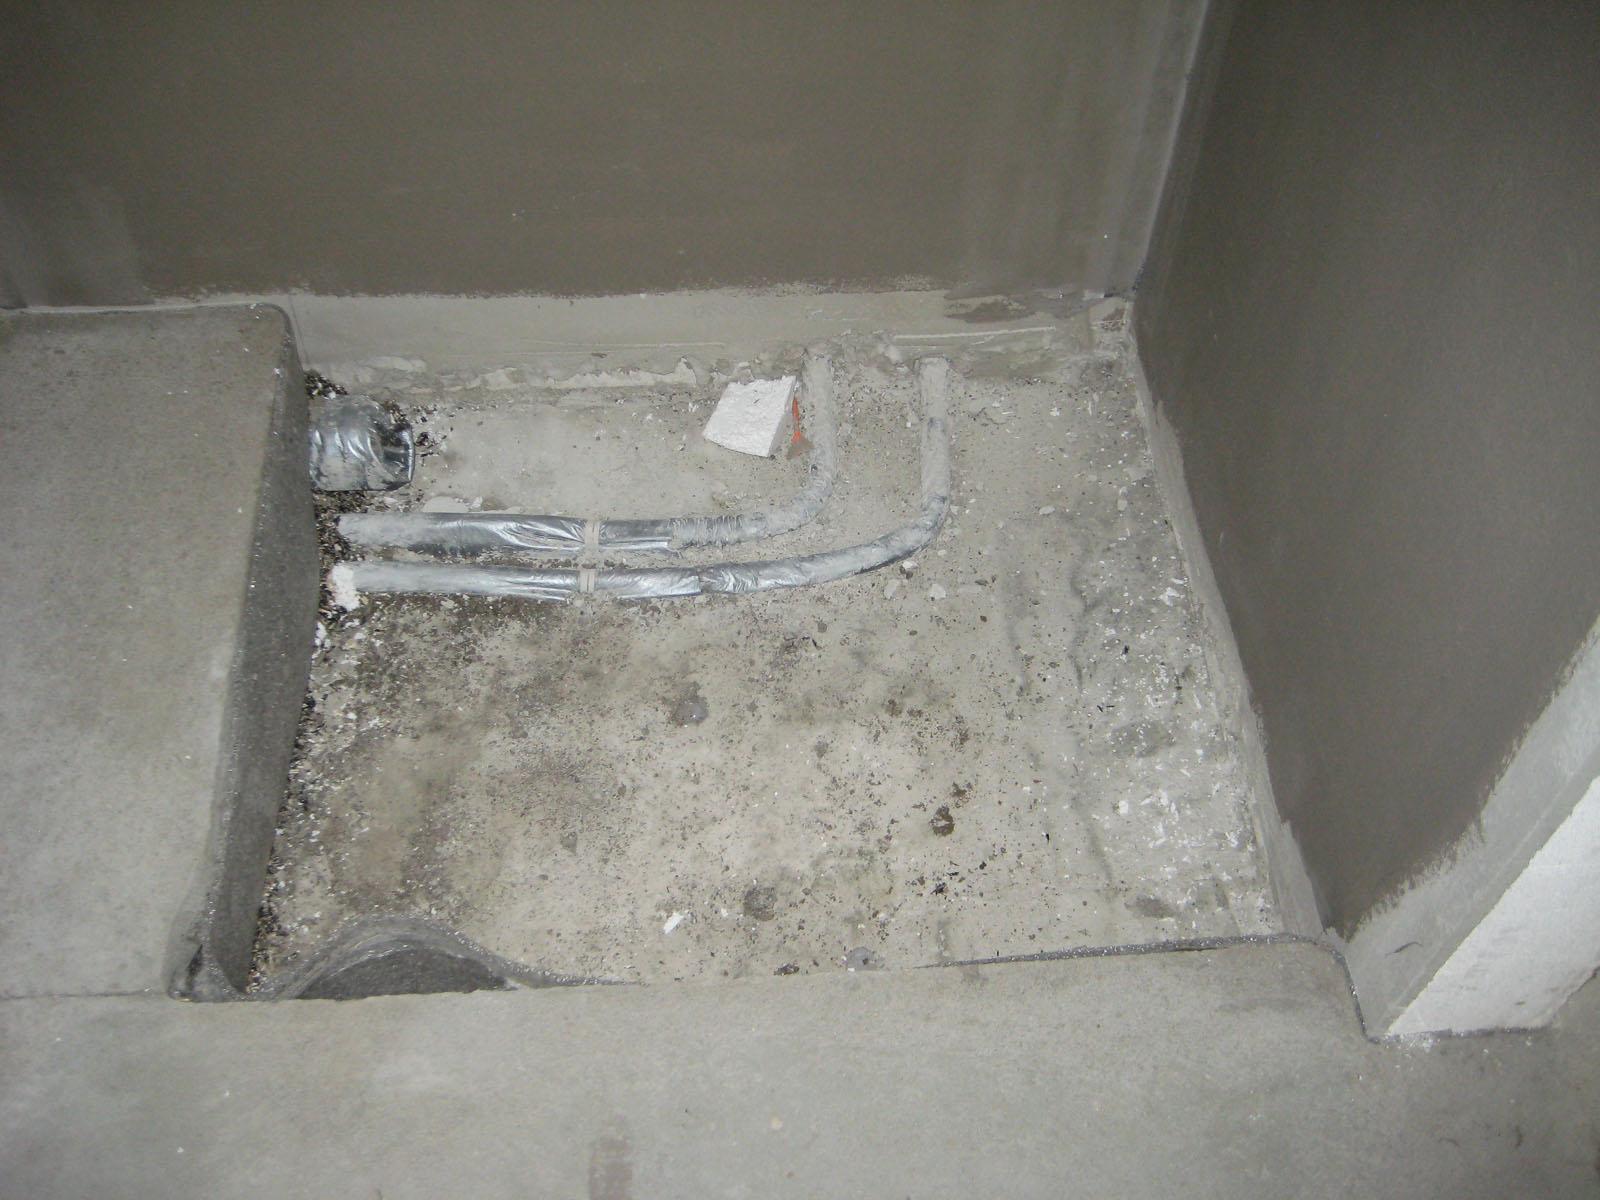 Toilette Im Keller Hebeanlage Fur Dusche Im Keller Raum Und